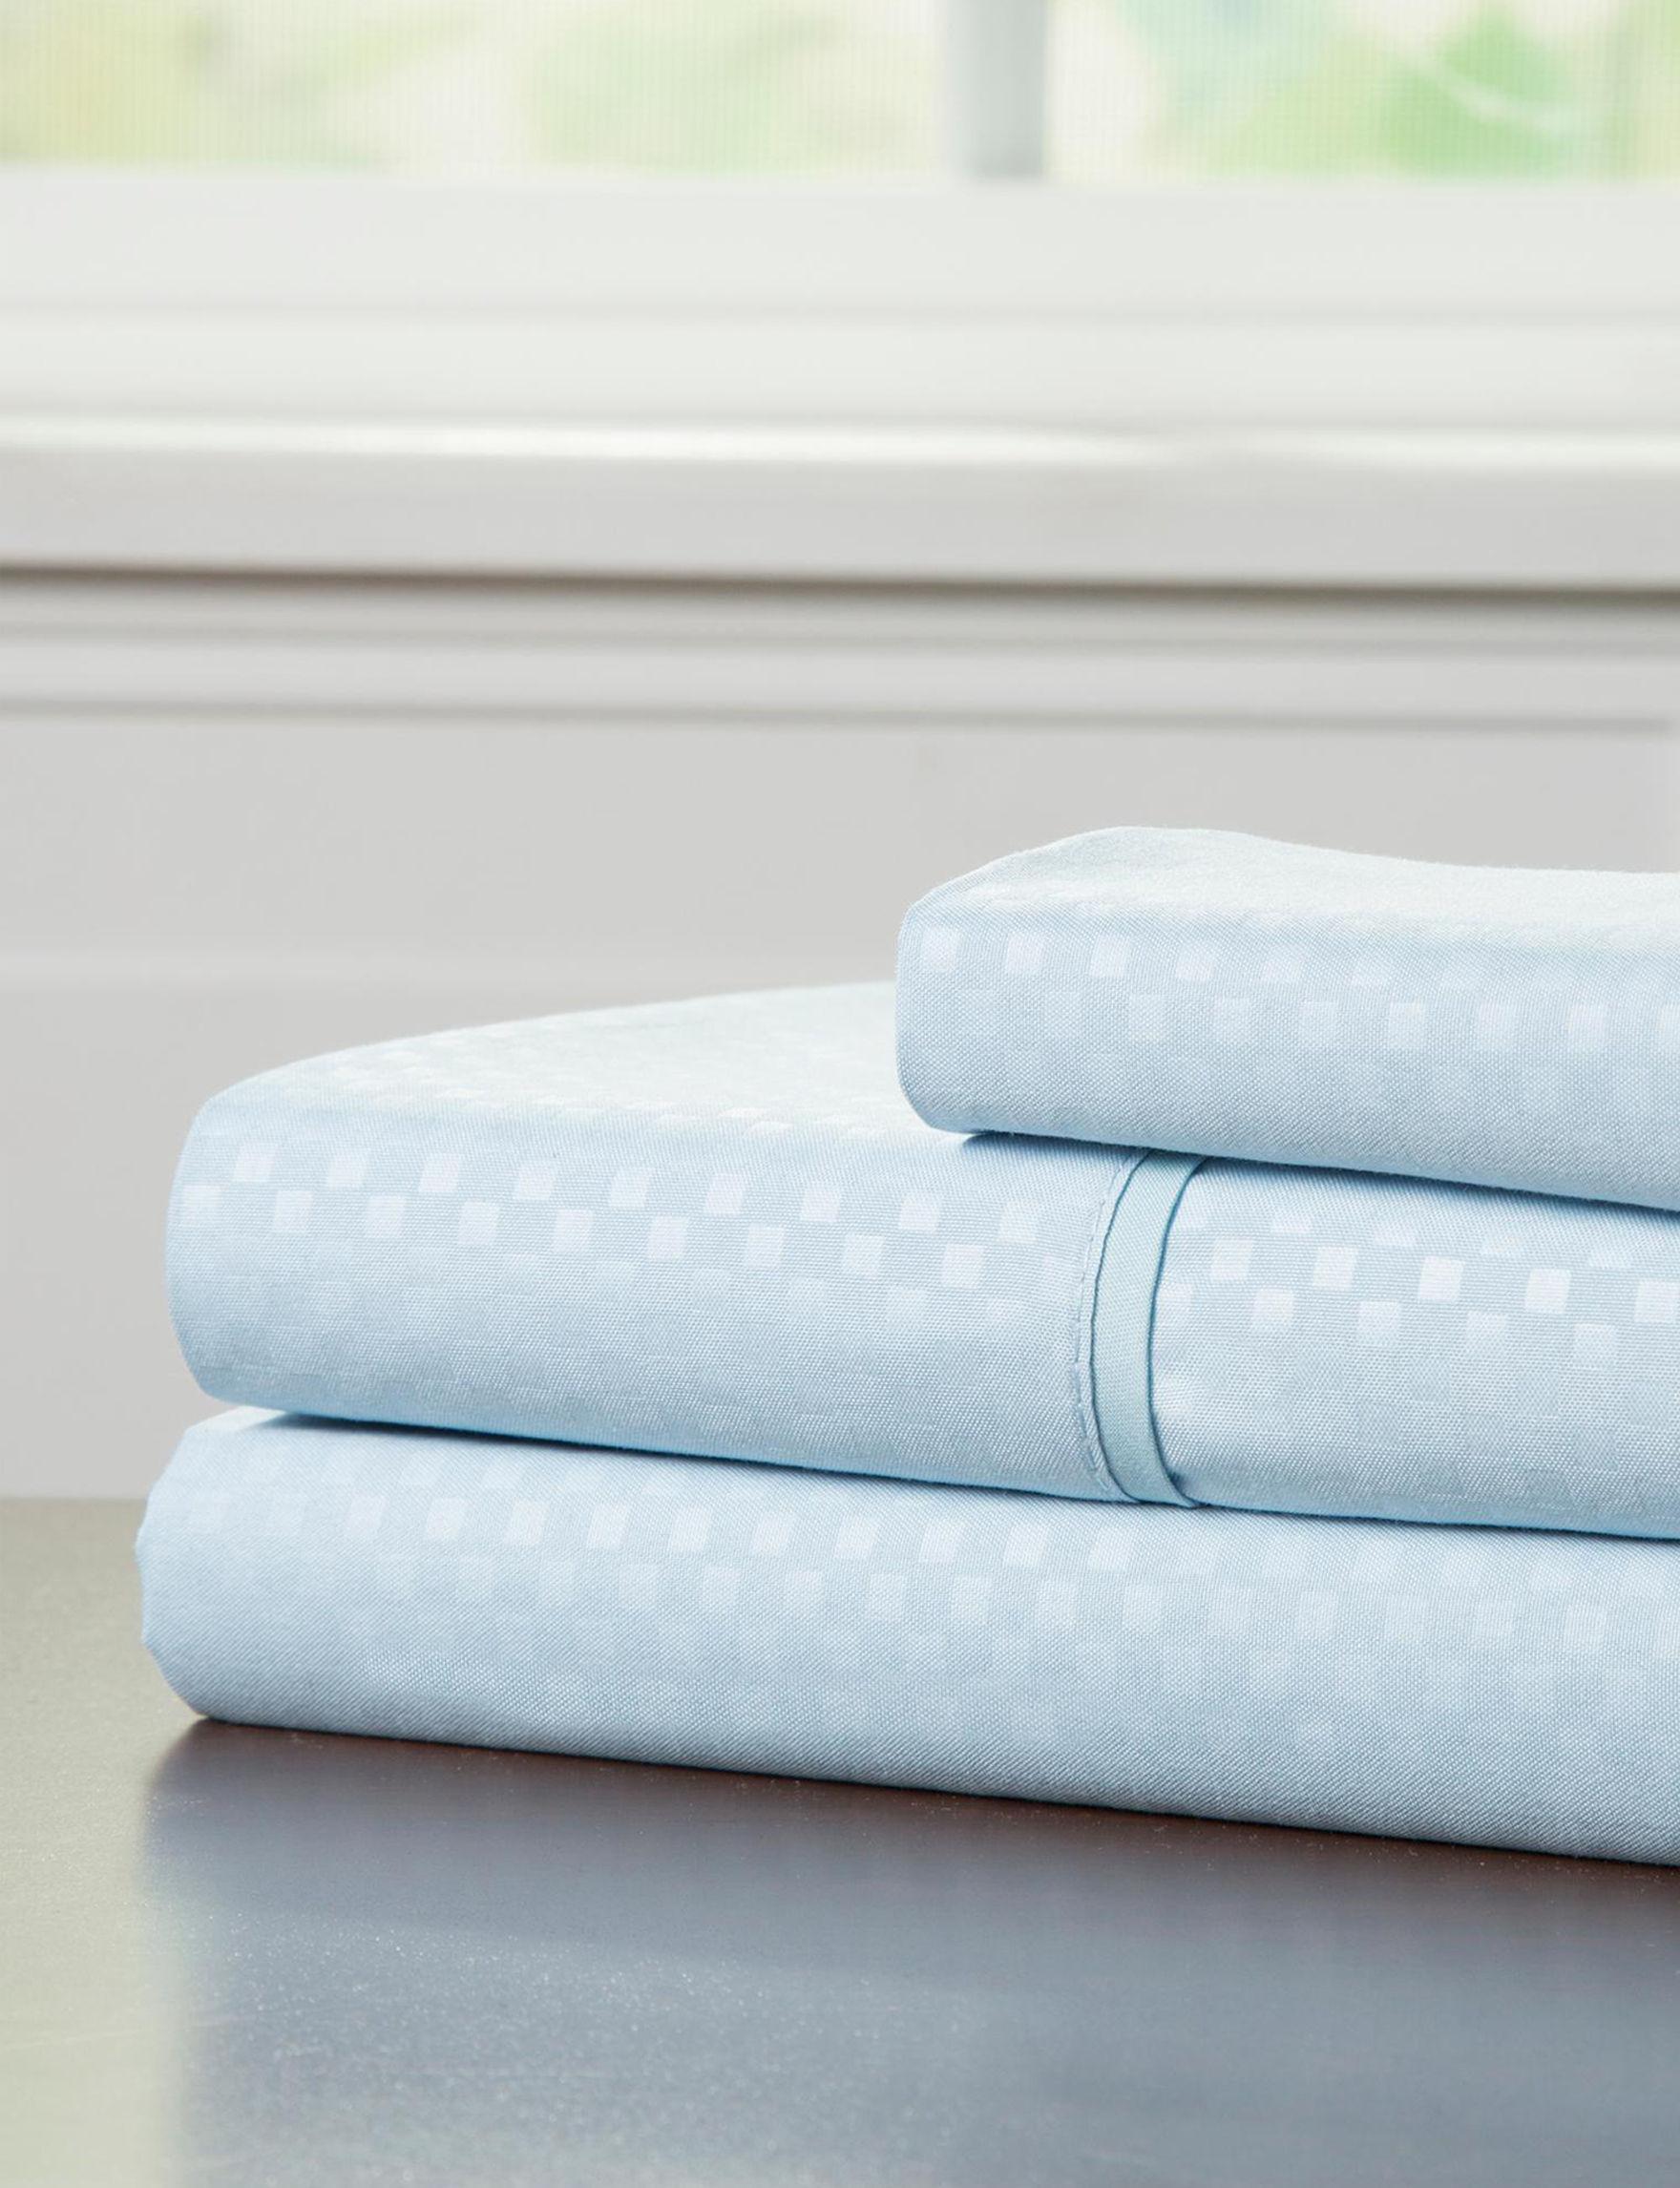 Lavish Home Blue Sheets & Pillowcases